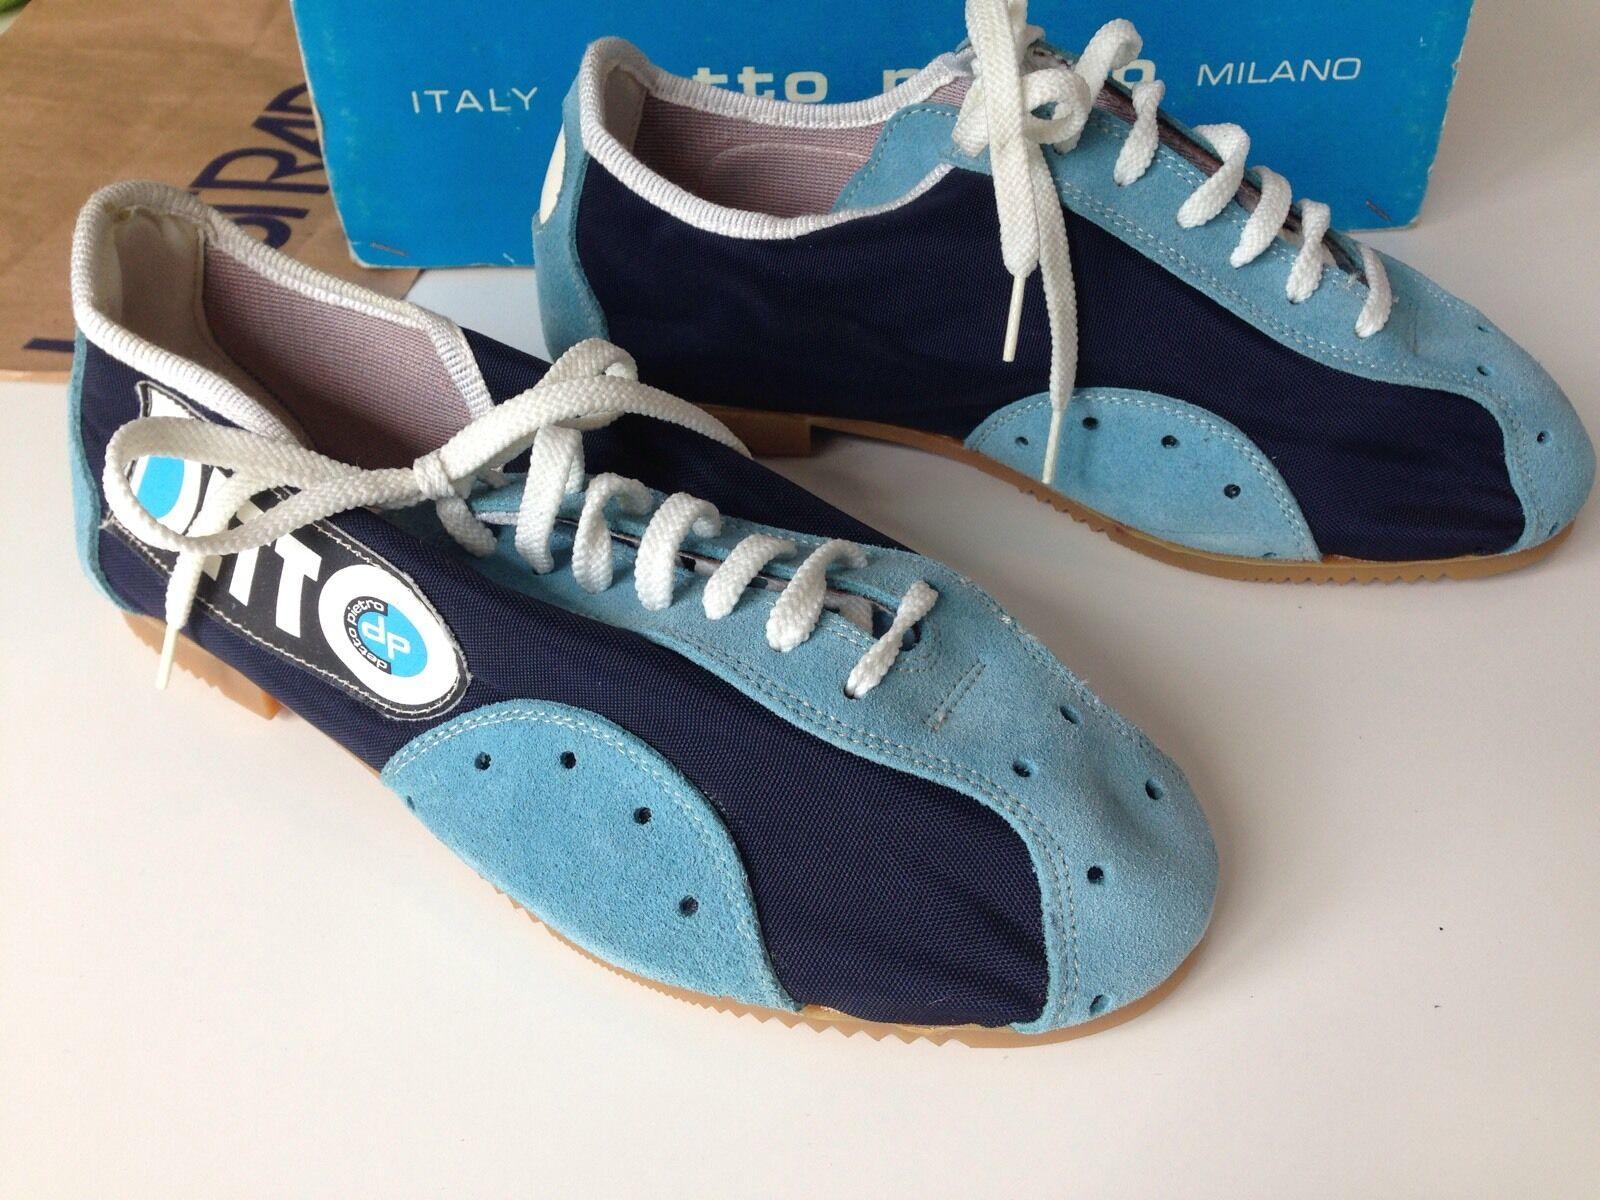 CULT NOS Vintage detto pietro Milano zapatos     zapatos   zapatos new old stock EU 37 22142a